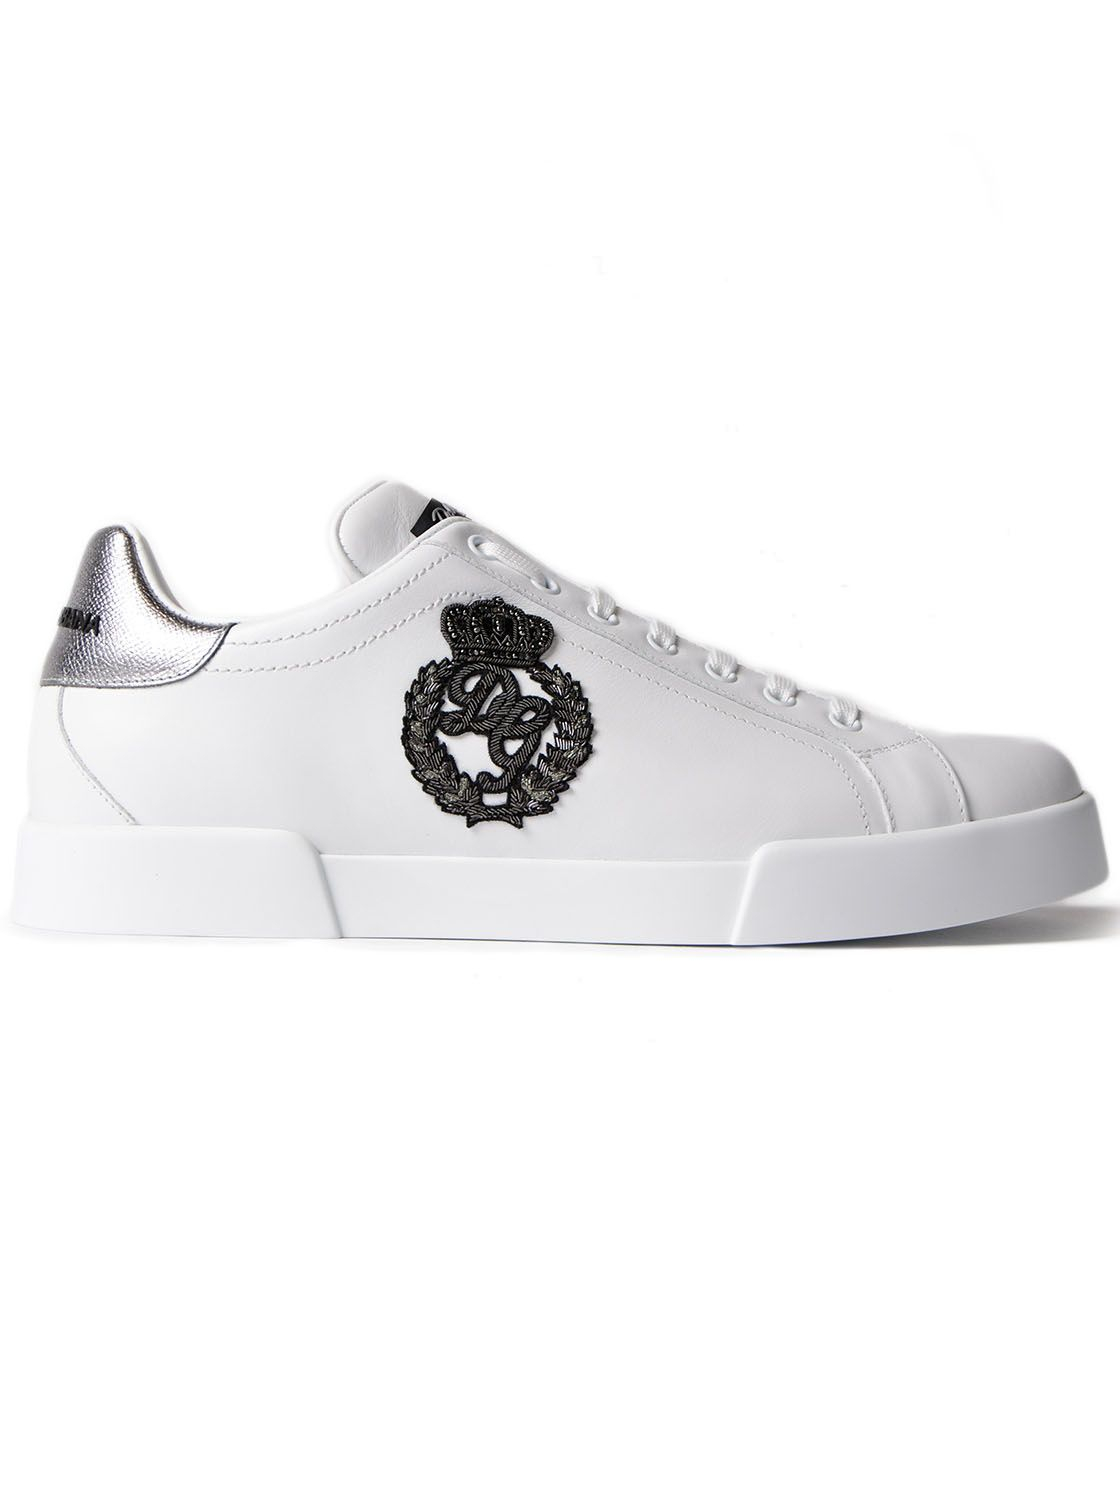 Dolce & Gabbana Dolce & Gabbana London Sneakers